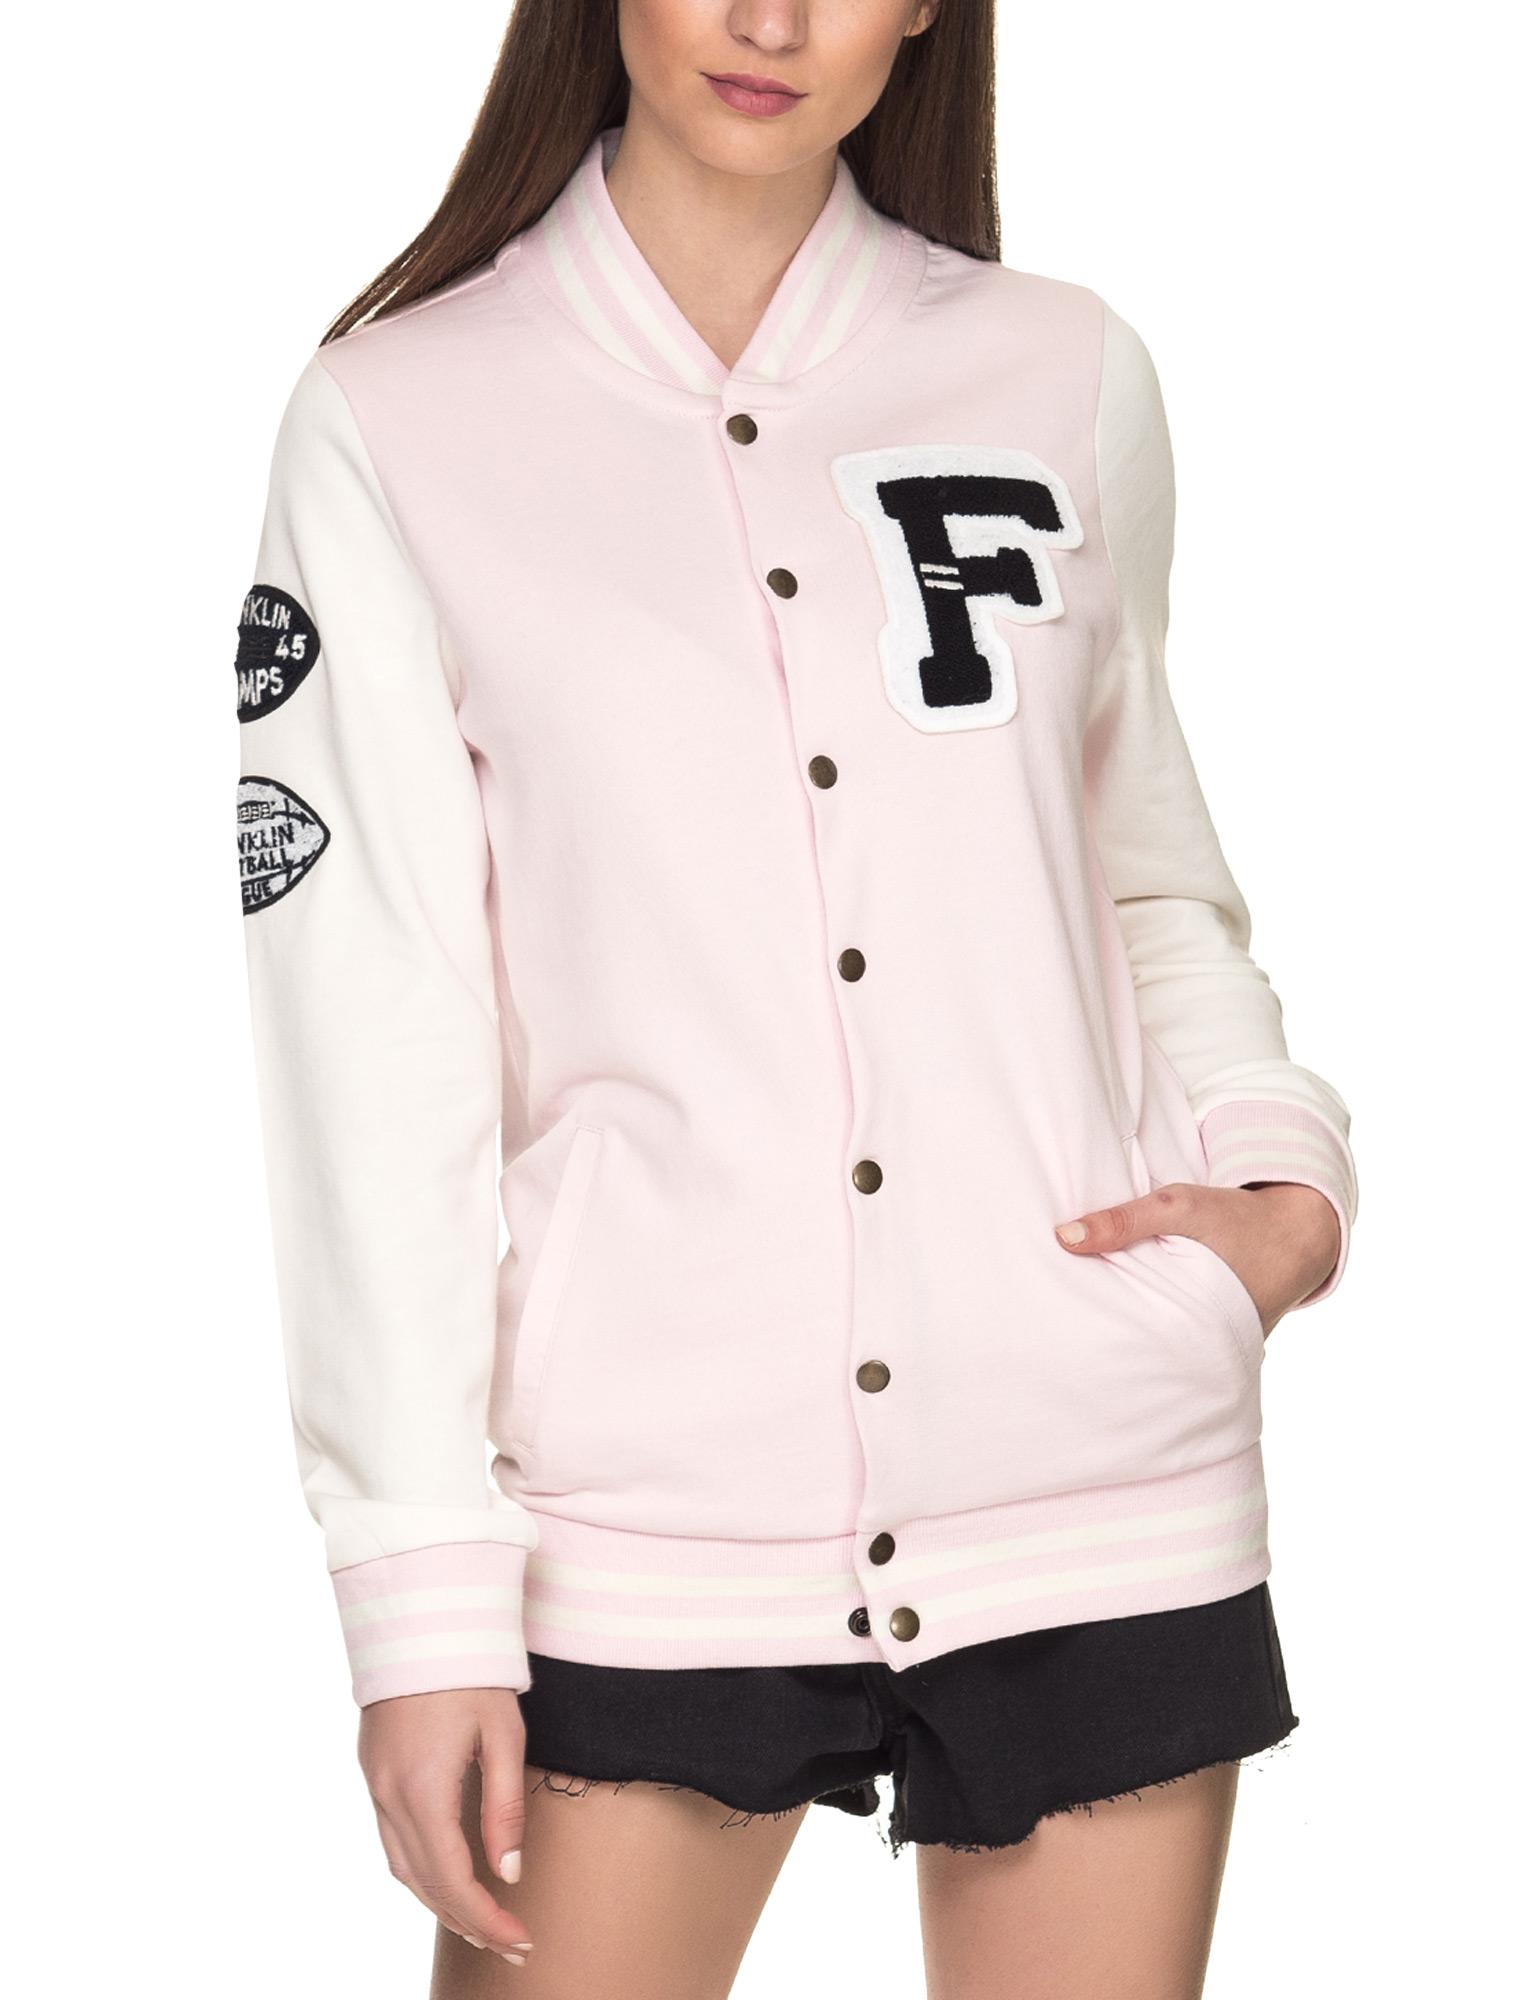 Franklin & Marshall Women's College Jacket Pink bis zu 70